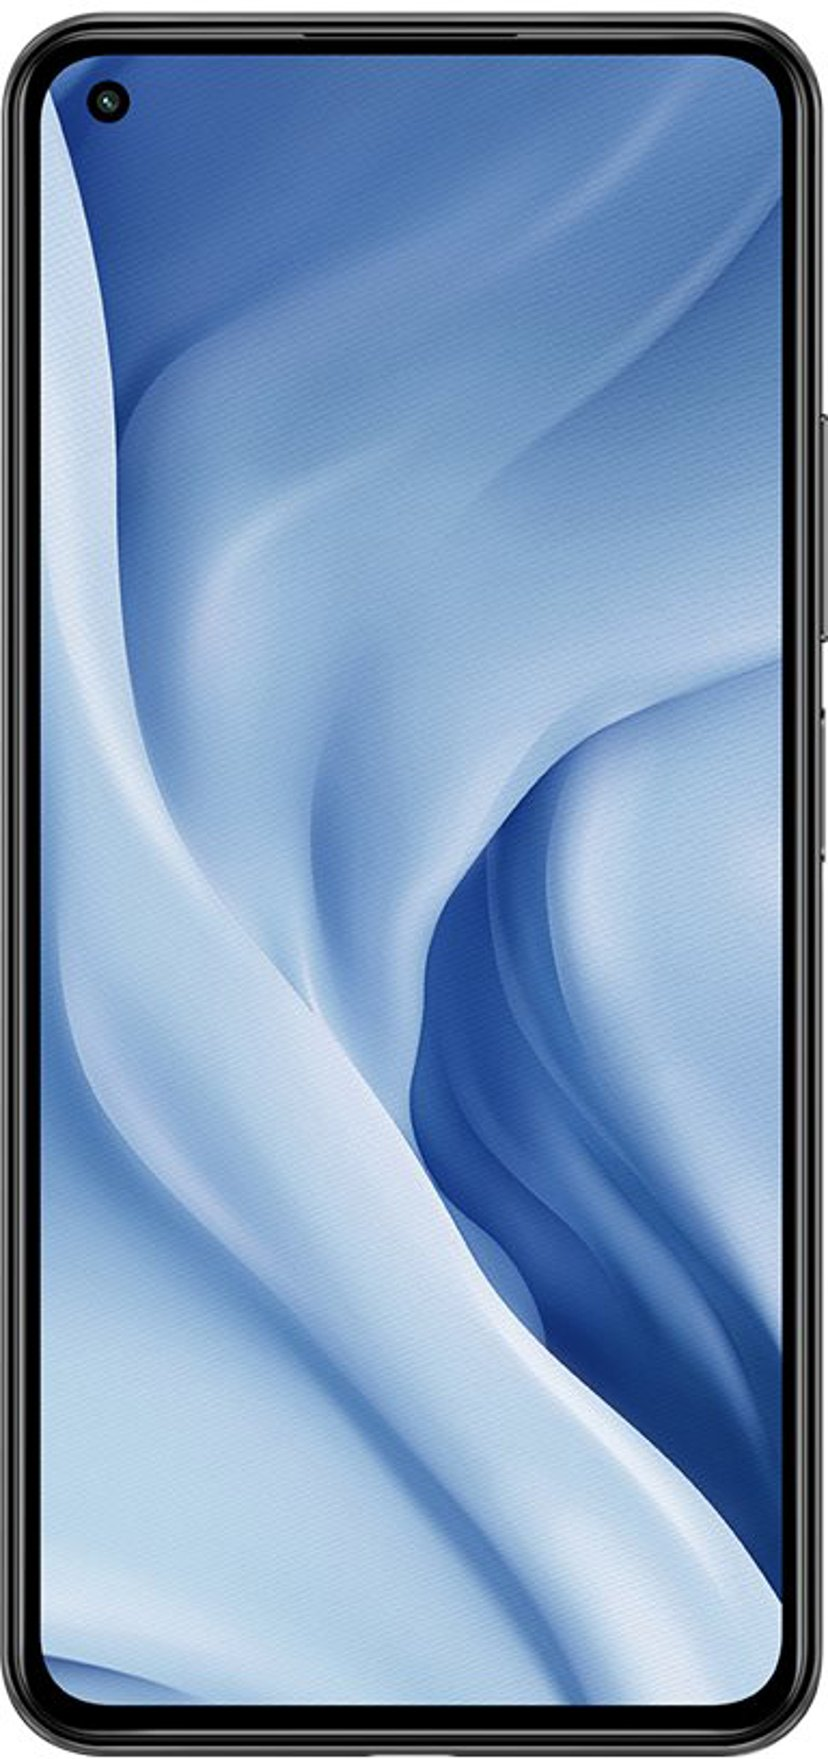 Xiaomi MI 11 Lite 5G 128GB Dual-SIM Trøffelsort